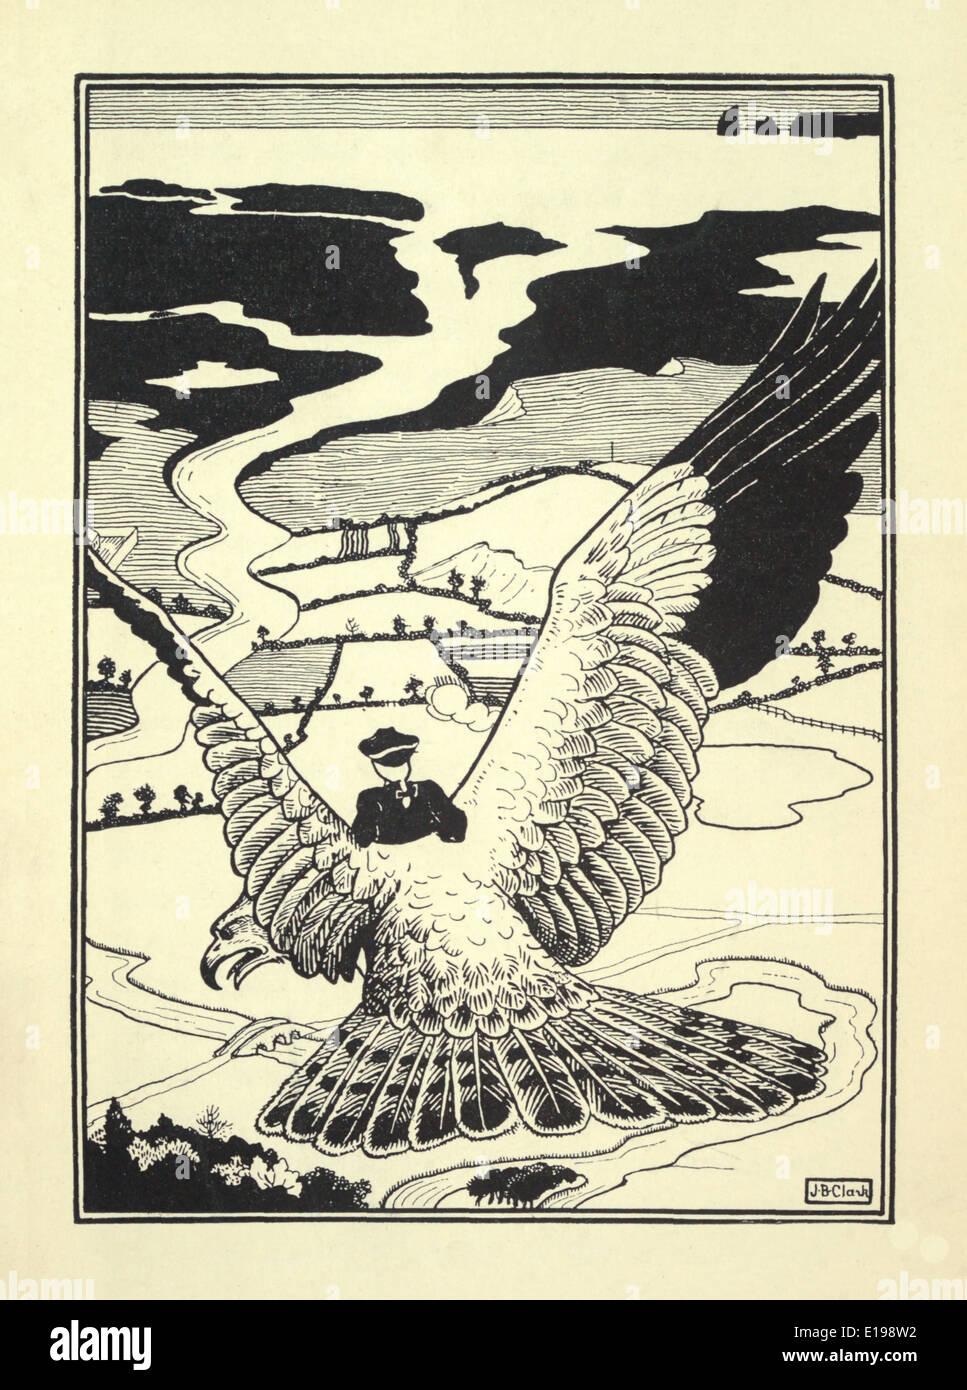 J. B. Clark illustration de 'Les Aventures surprenantes de Baron Munchausen' par Rudoph Raspe publié en 1895. Banque D'Images